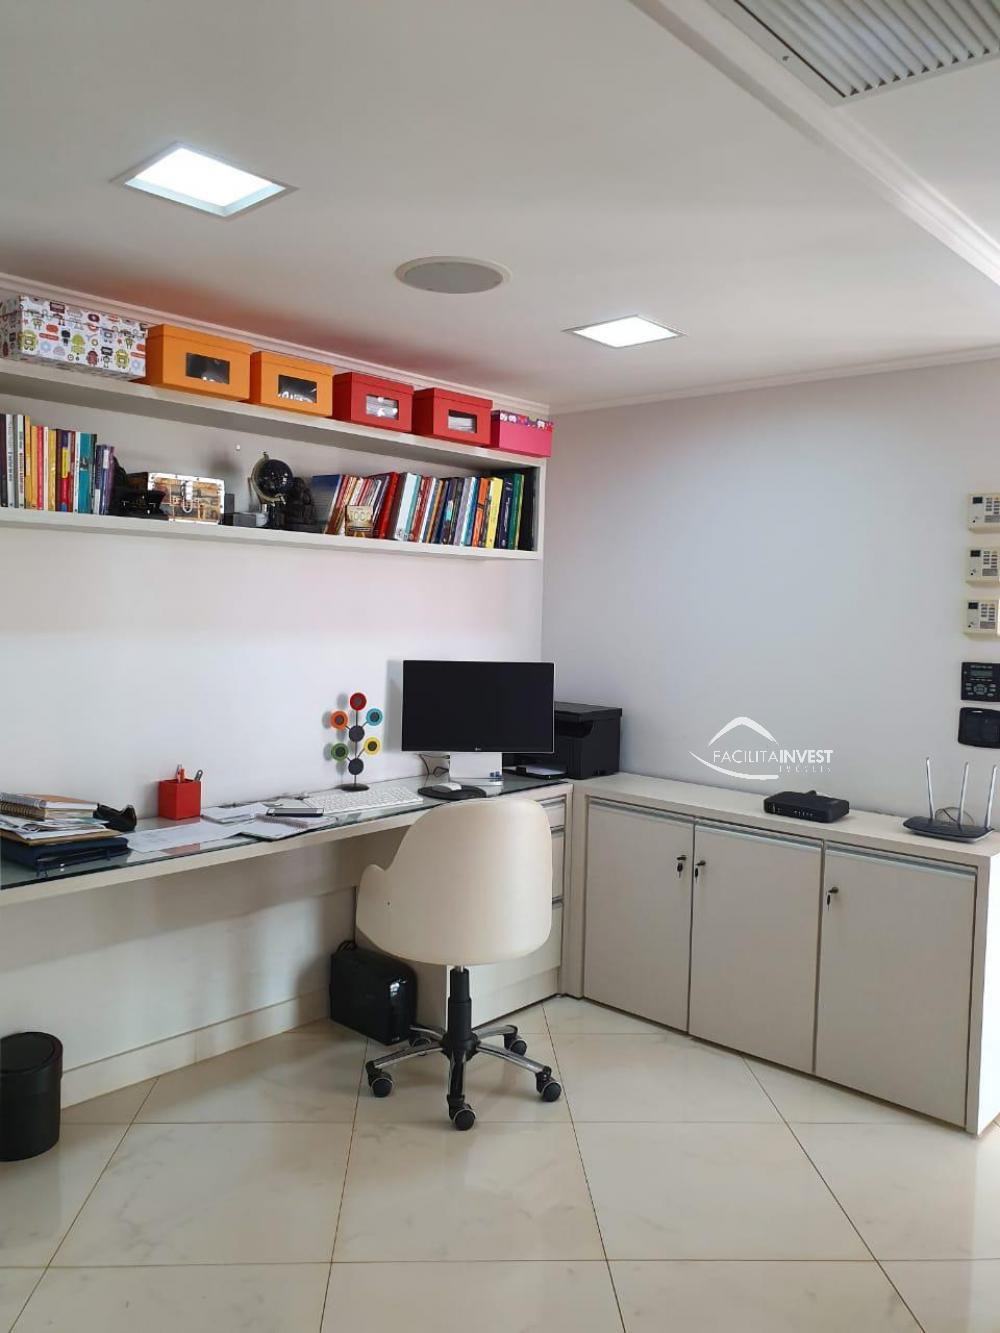 Comprar Apartamentos / Cobertura em Ribeirão Preto apenas R$ 2.300.000,00 - Foto 14